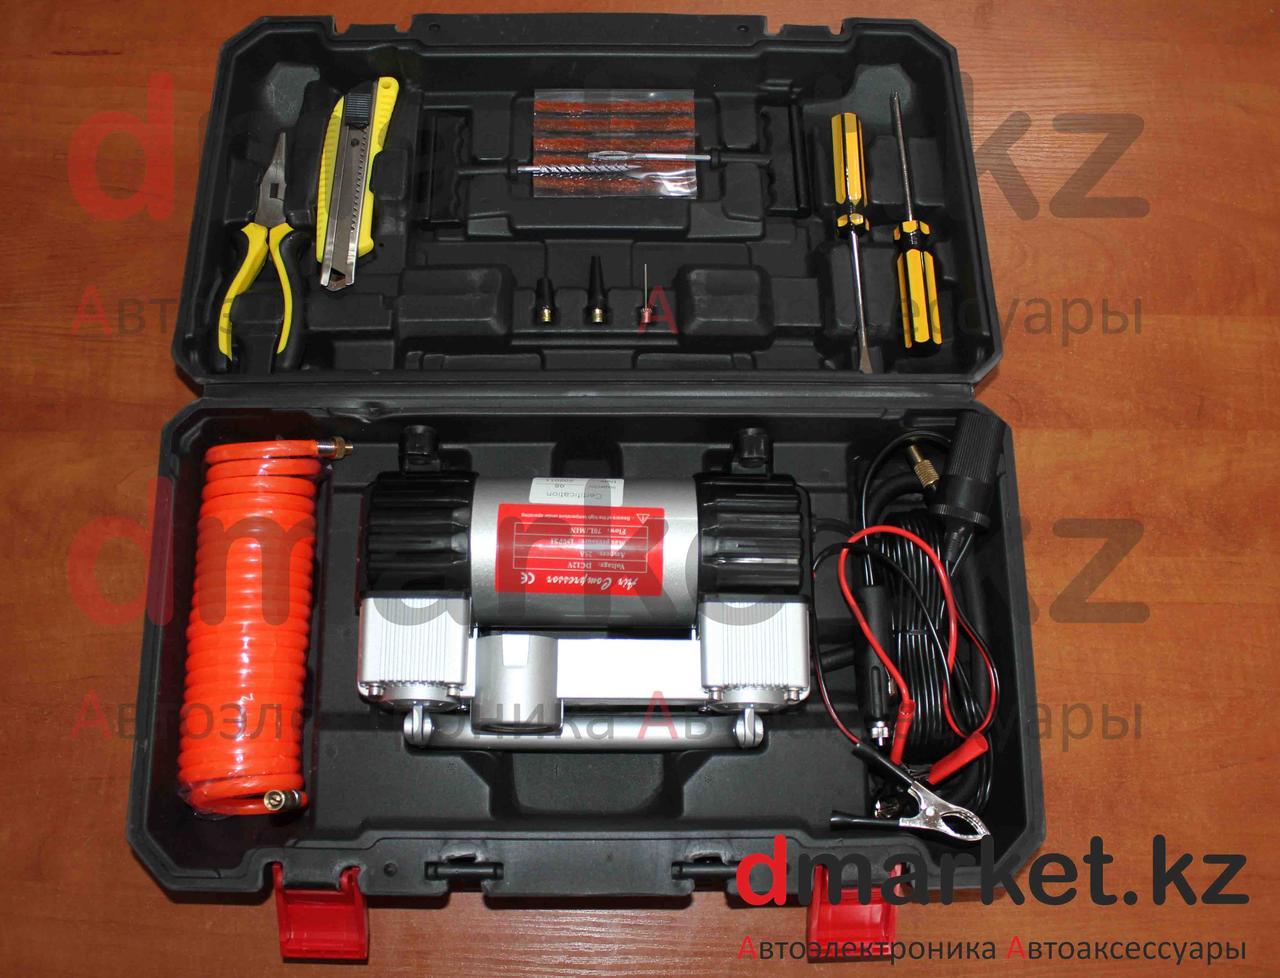 Компрессор автомобильный 202H, 2 поршня, 10 атм., 70л/мин, инструменты, чемодан